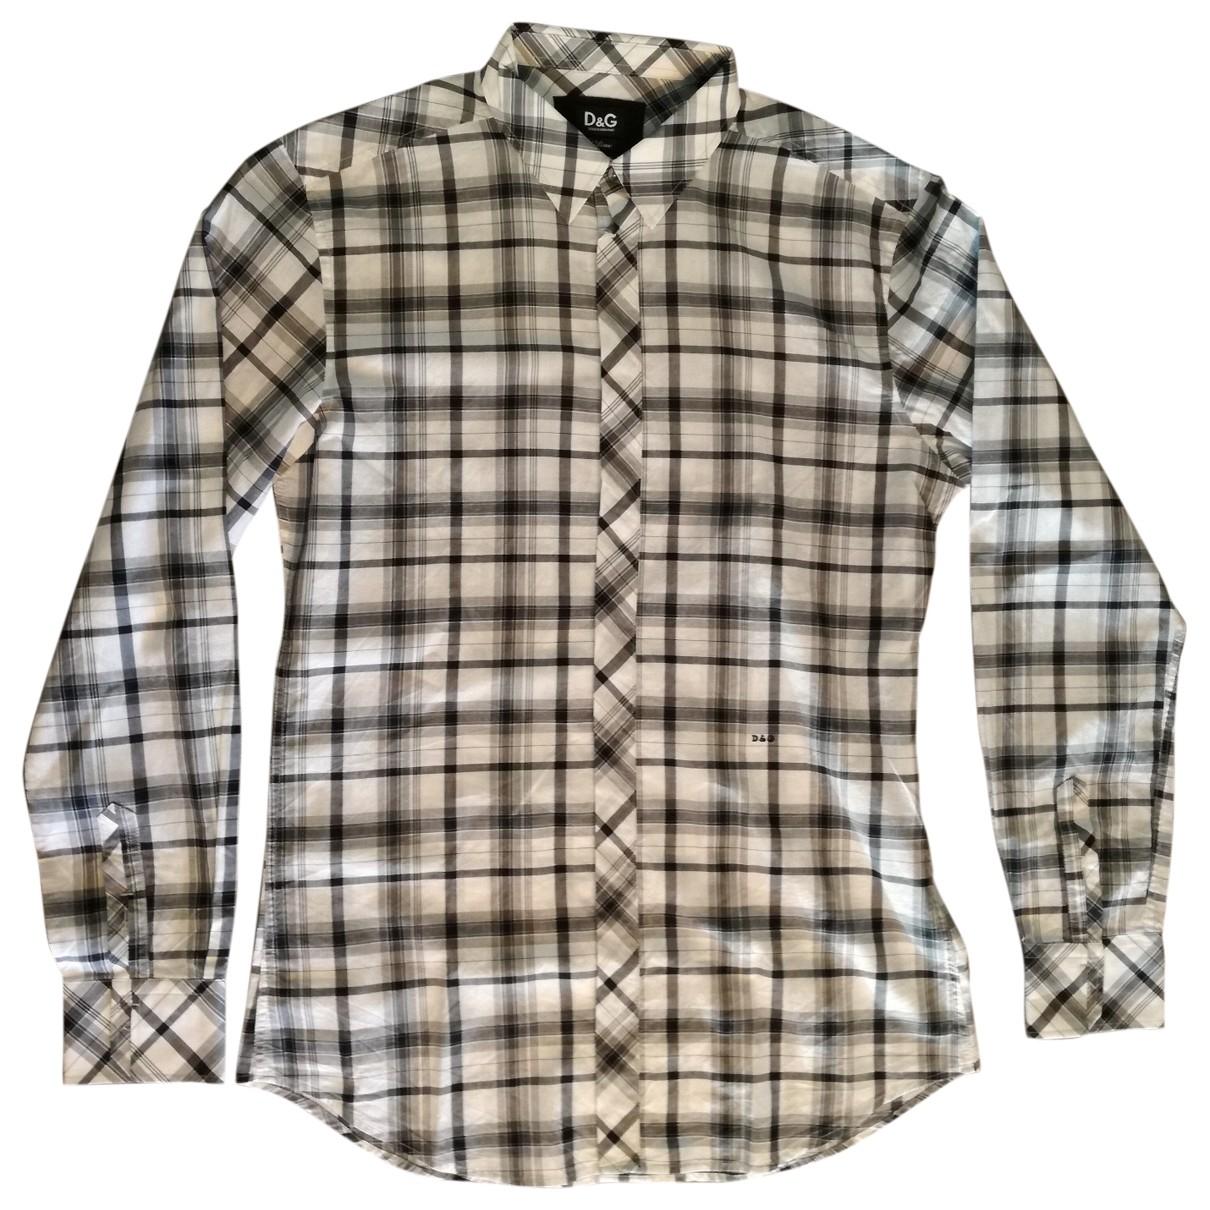 D&g \N Hemden in  Weiss Baumwolle